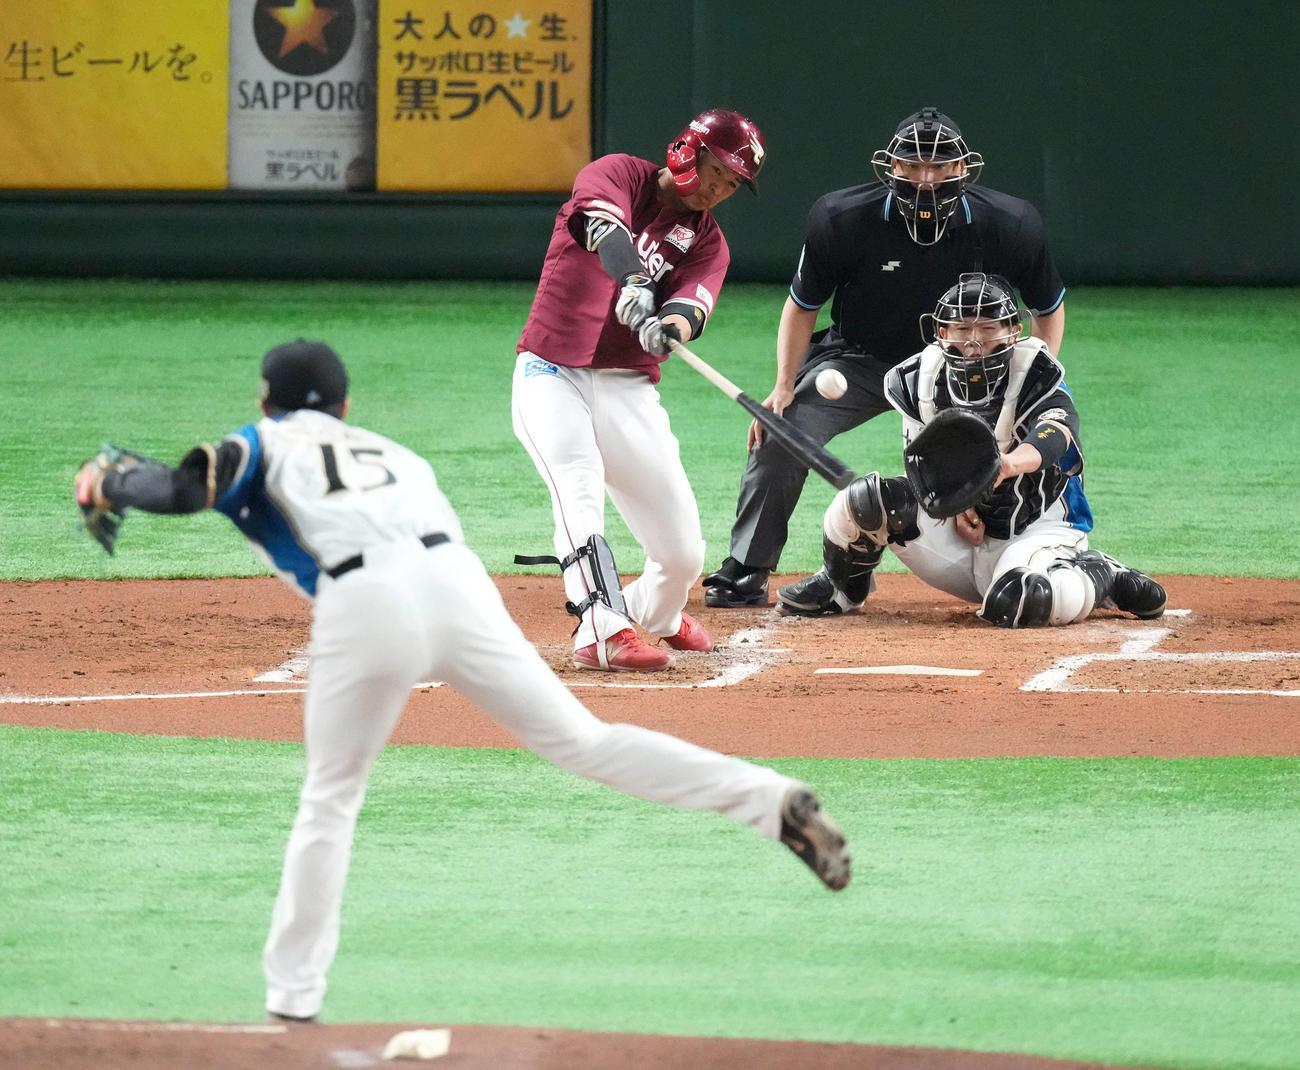 日本ハム対楽天 2回楽天2死二塁、中前適時打を放つ黒川。投手上沢(撮影・鈴木みどり)